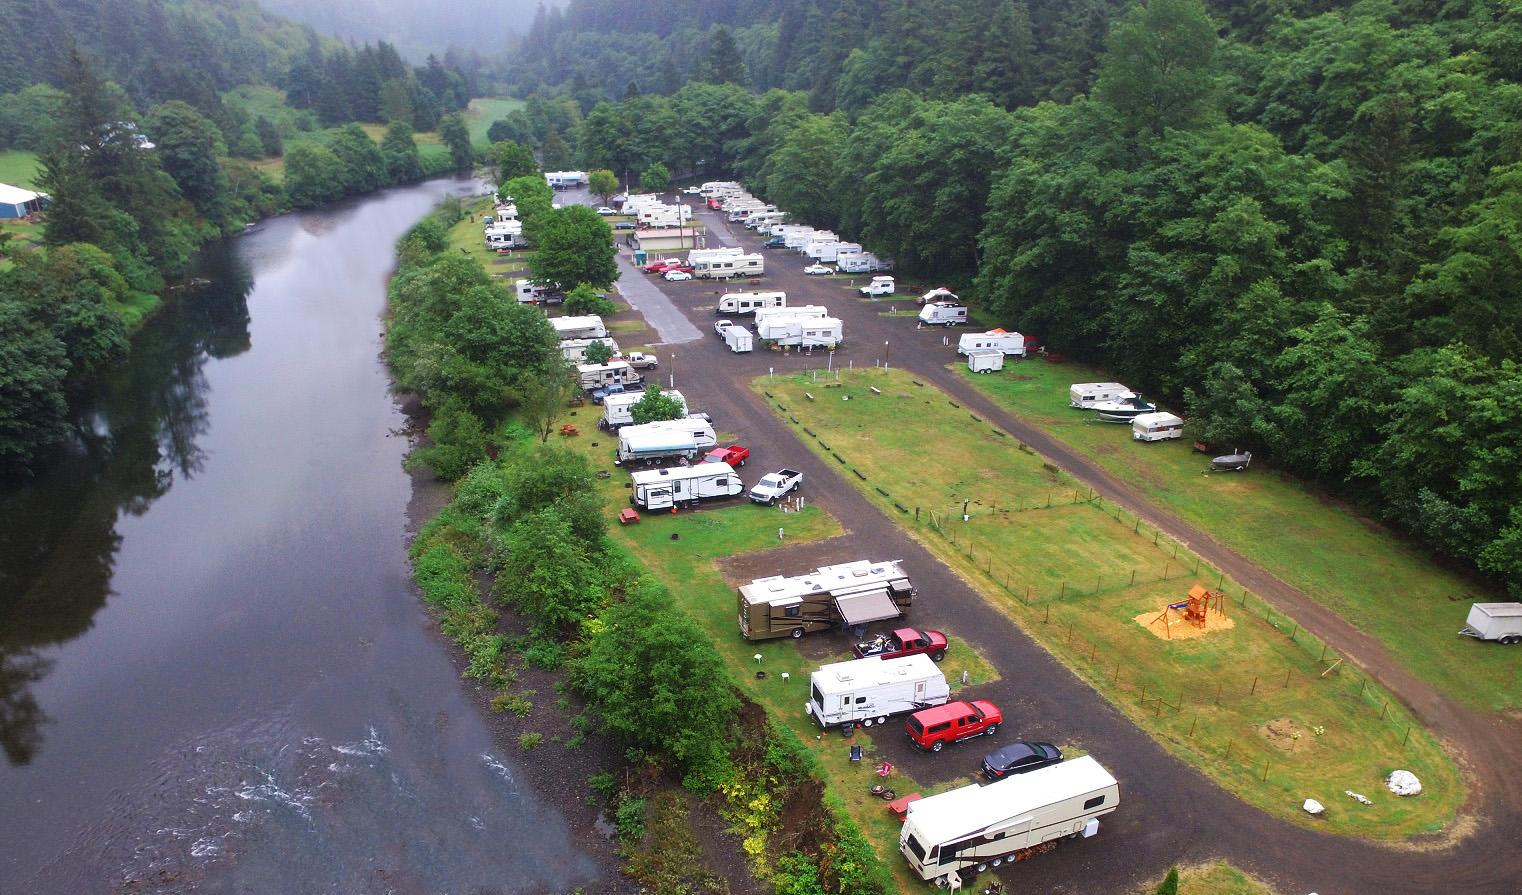 Misty River RV Park